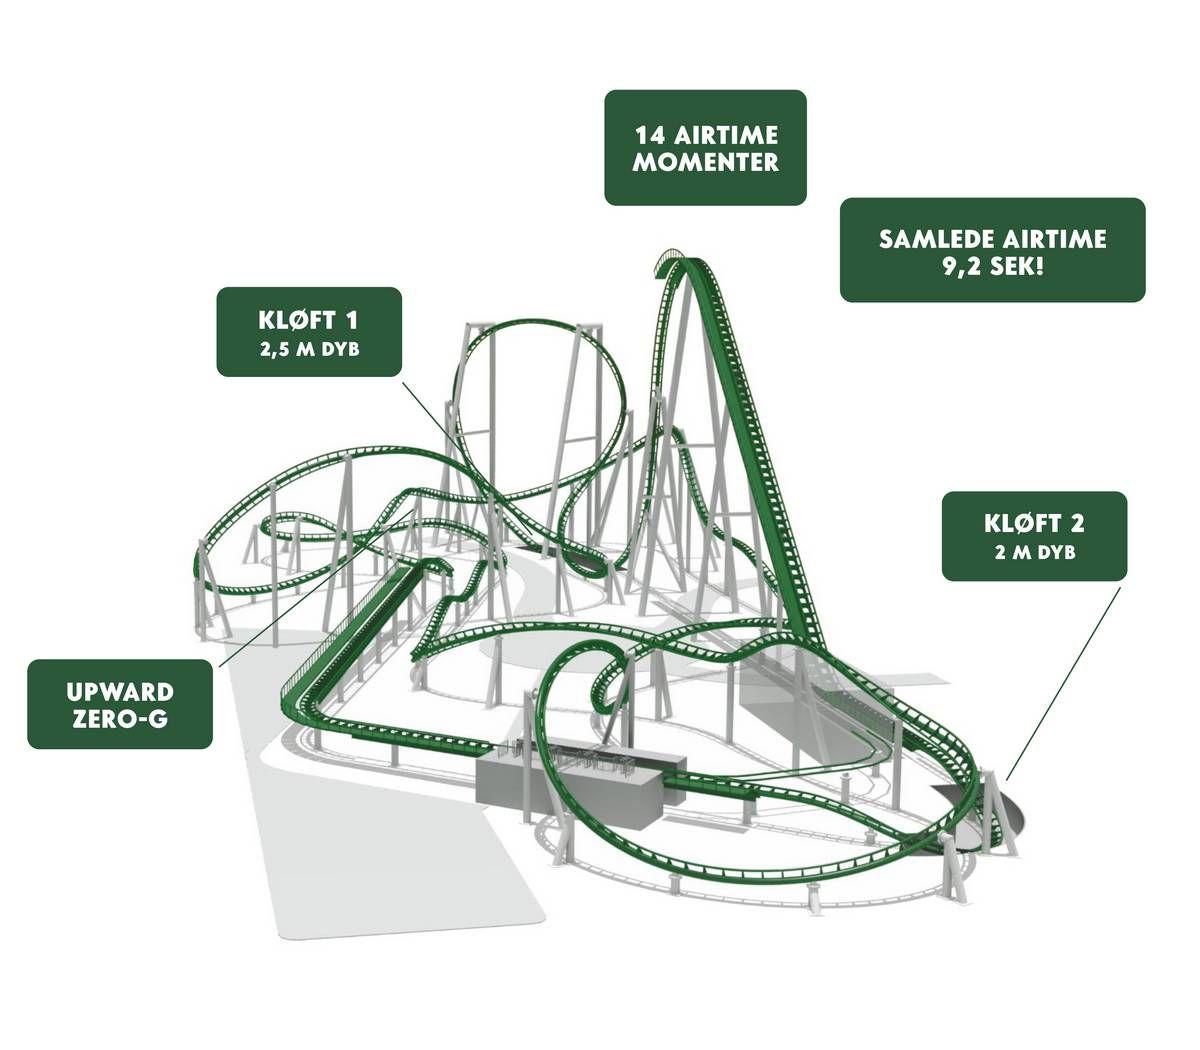 Le parc Fårup Sommerland accueille en 2022 le plus grand roller coaster du Danemark